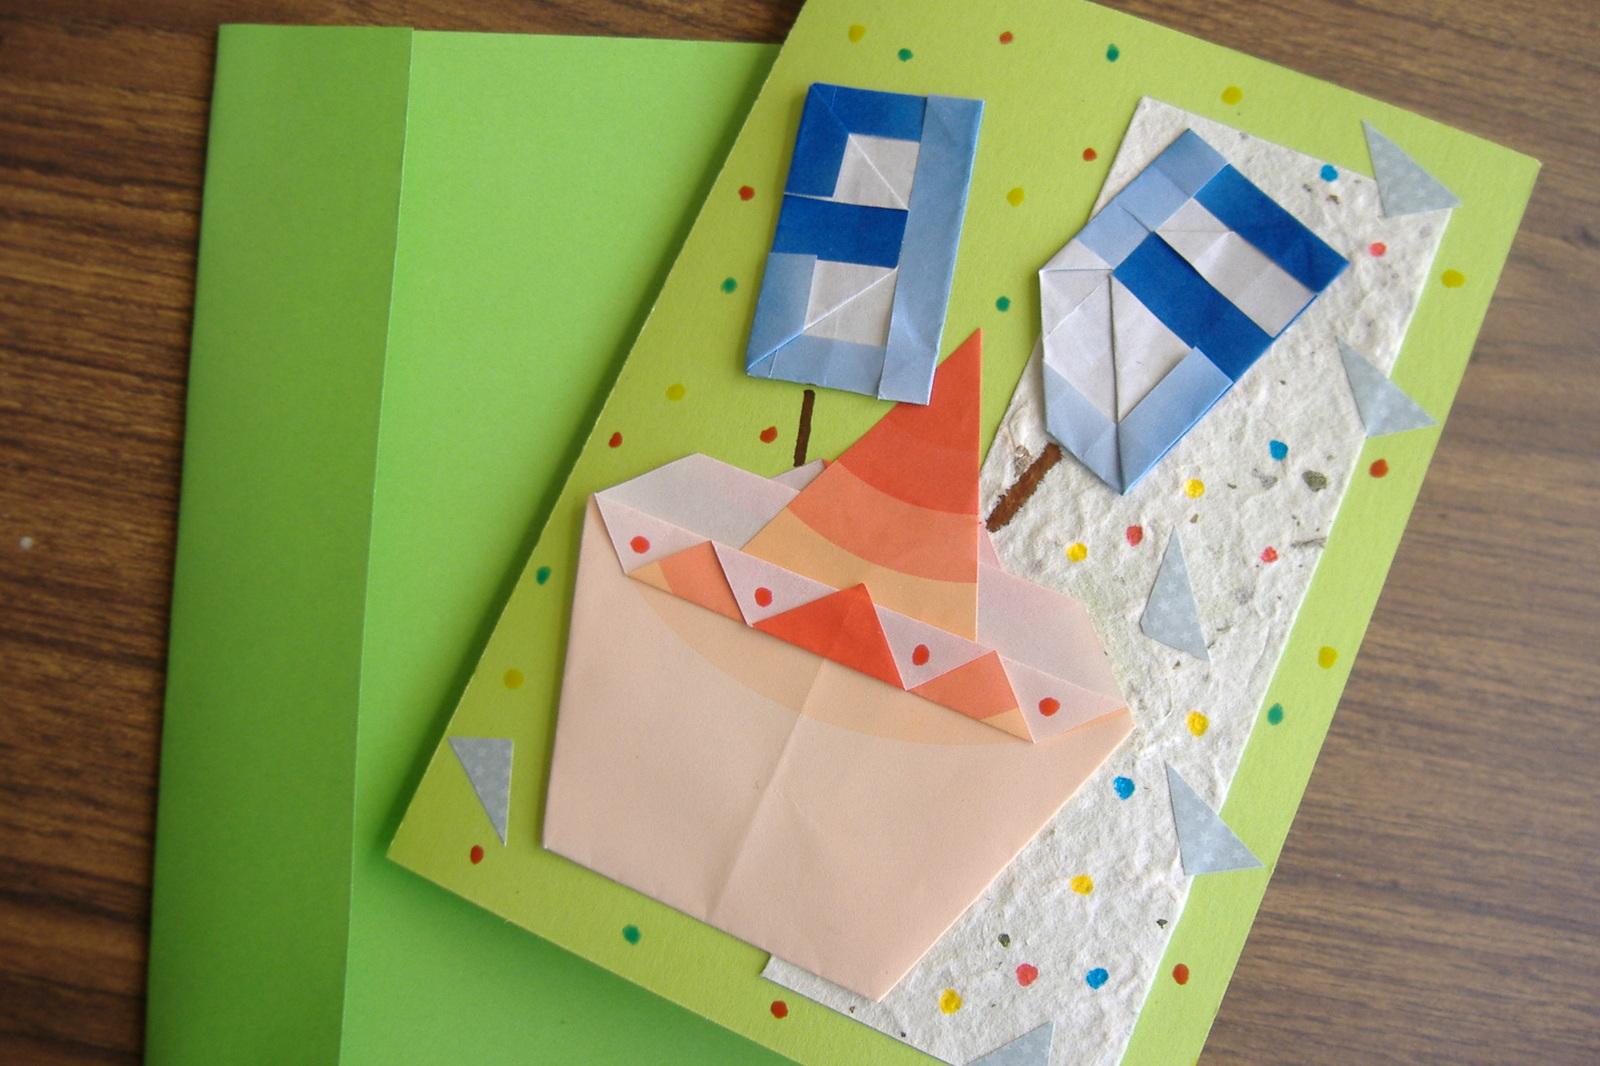 すべての折り紙 誕生日 飾り 折り紙 : カップケーキカード: カフェも ...